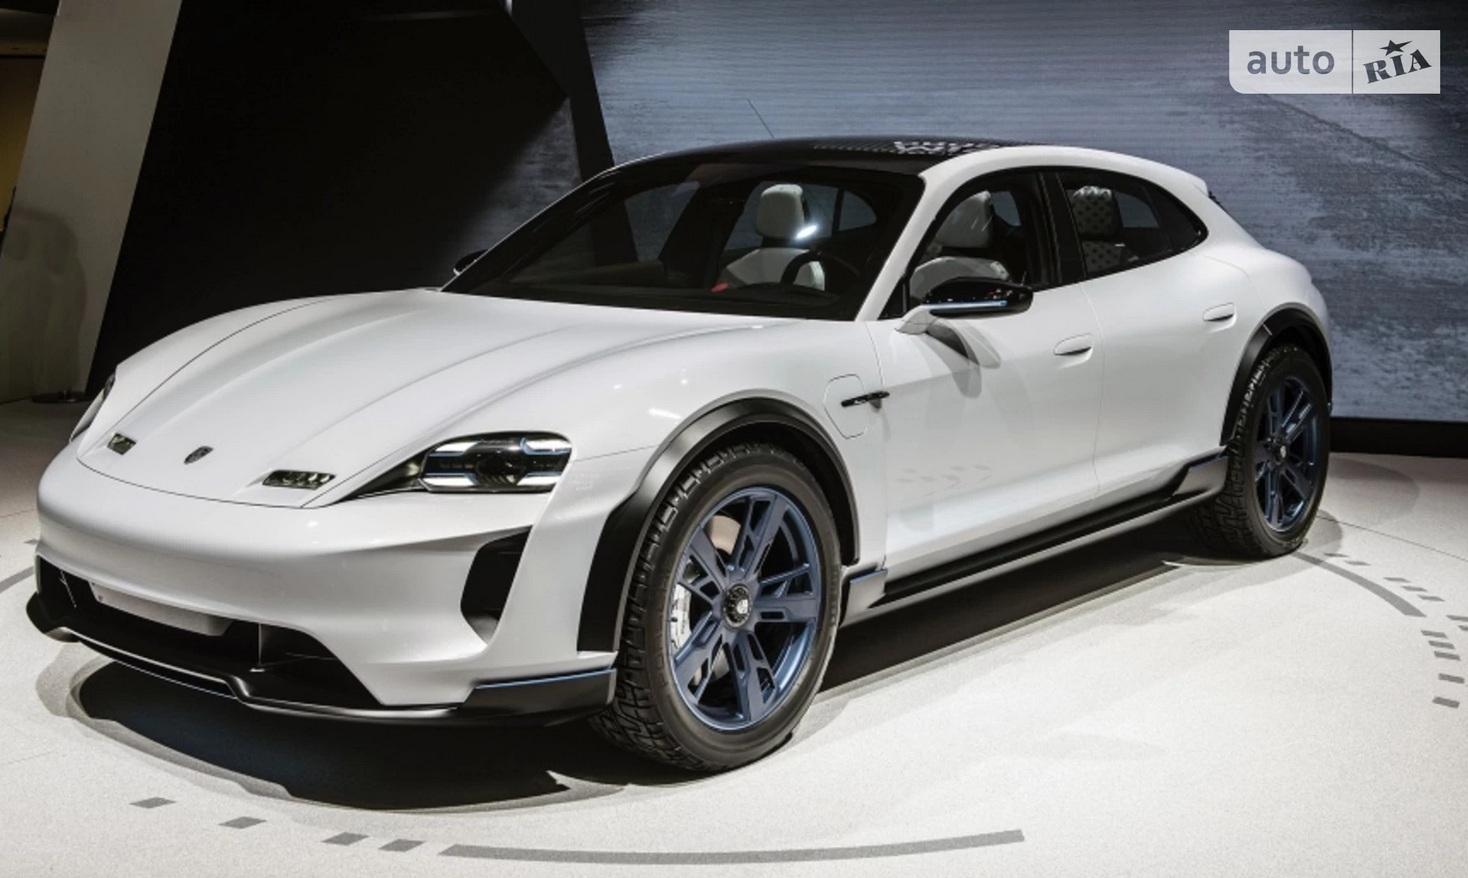 В Украине продают еще не вышедший электрокроссовер Porsche